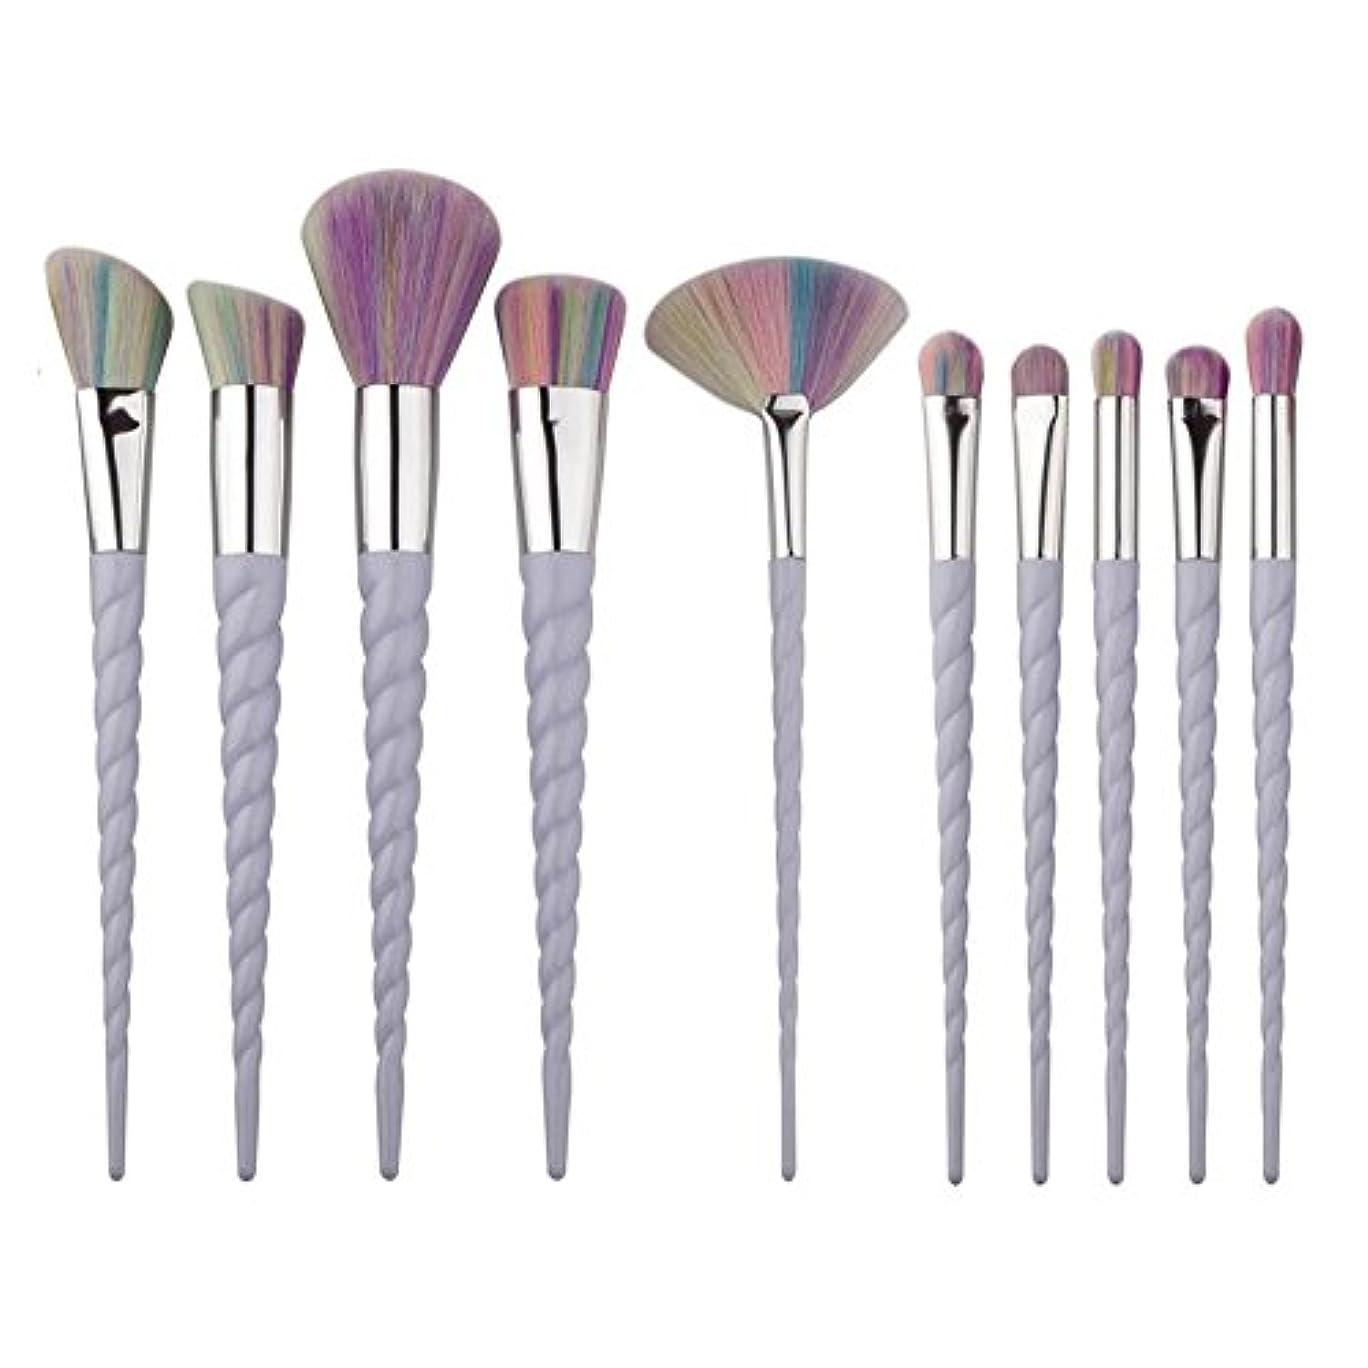 バラエティ異なる郊外Dilla Beauty 10本セットユニコーンデザインプラスチックハンドル形状メイクブラシセット合成毛ファンデーションブラシアイシャドーブラッシャー美容ツール (ホワイト-1)